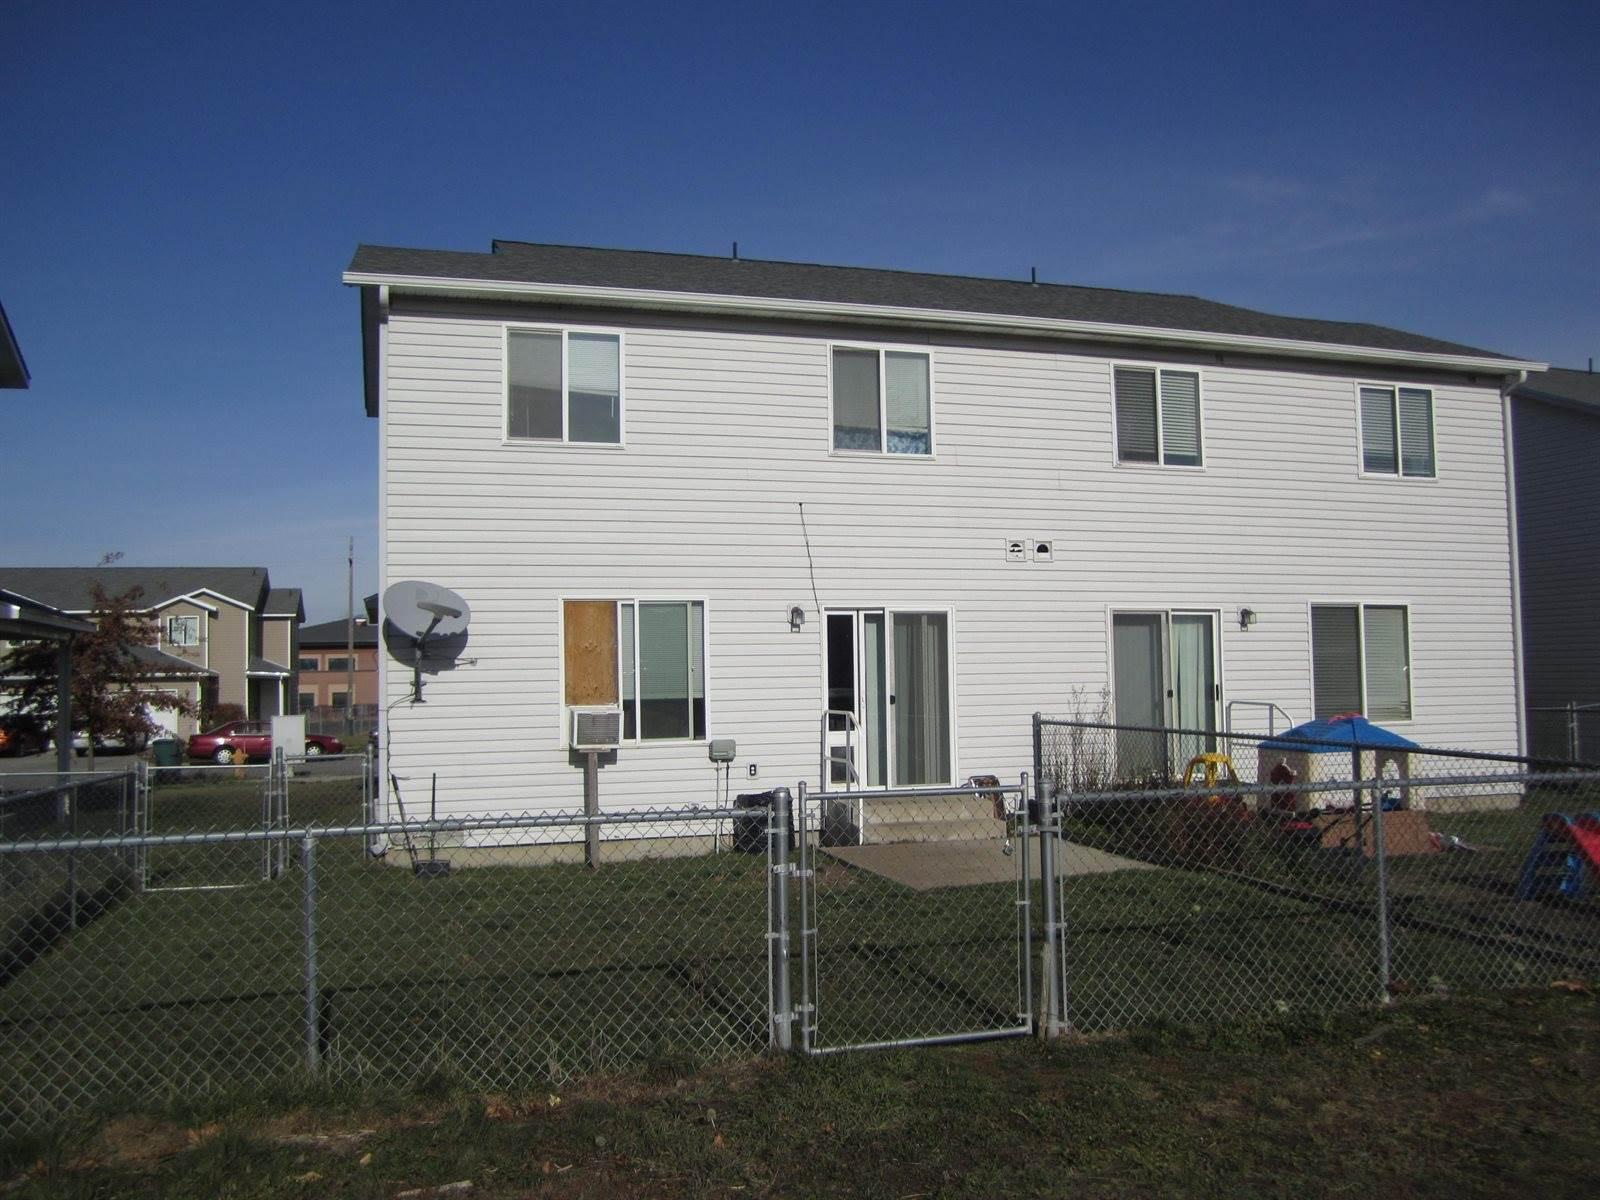 1620 East Coeur D Alene Ave, Post Falls, ID 83854